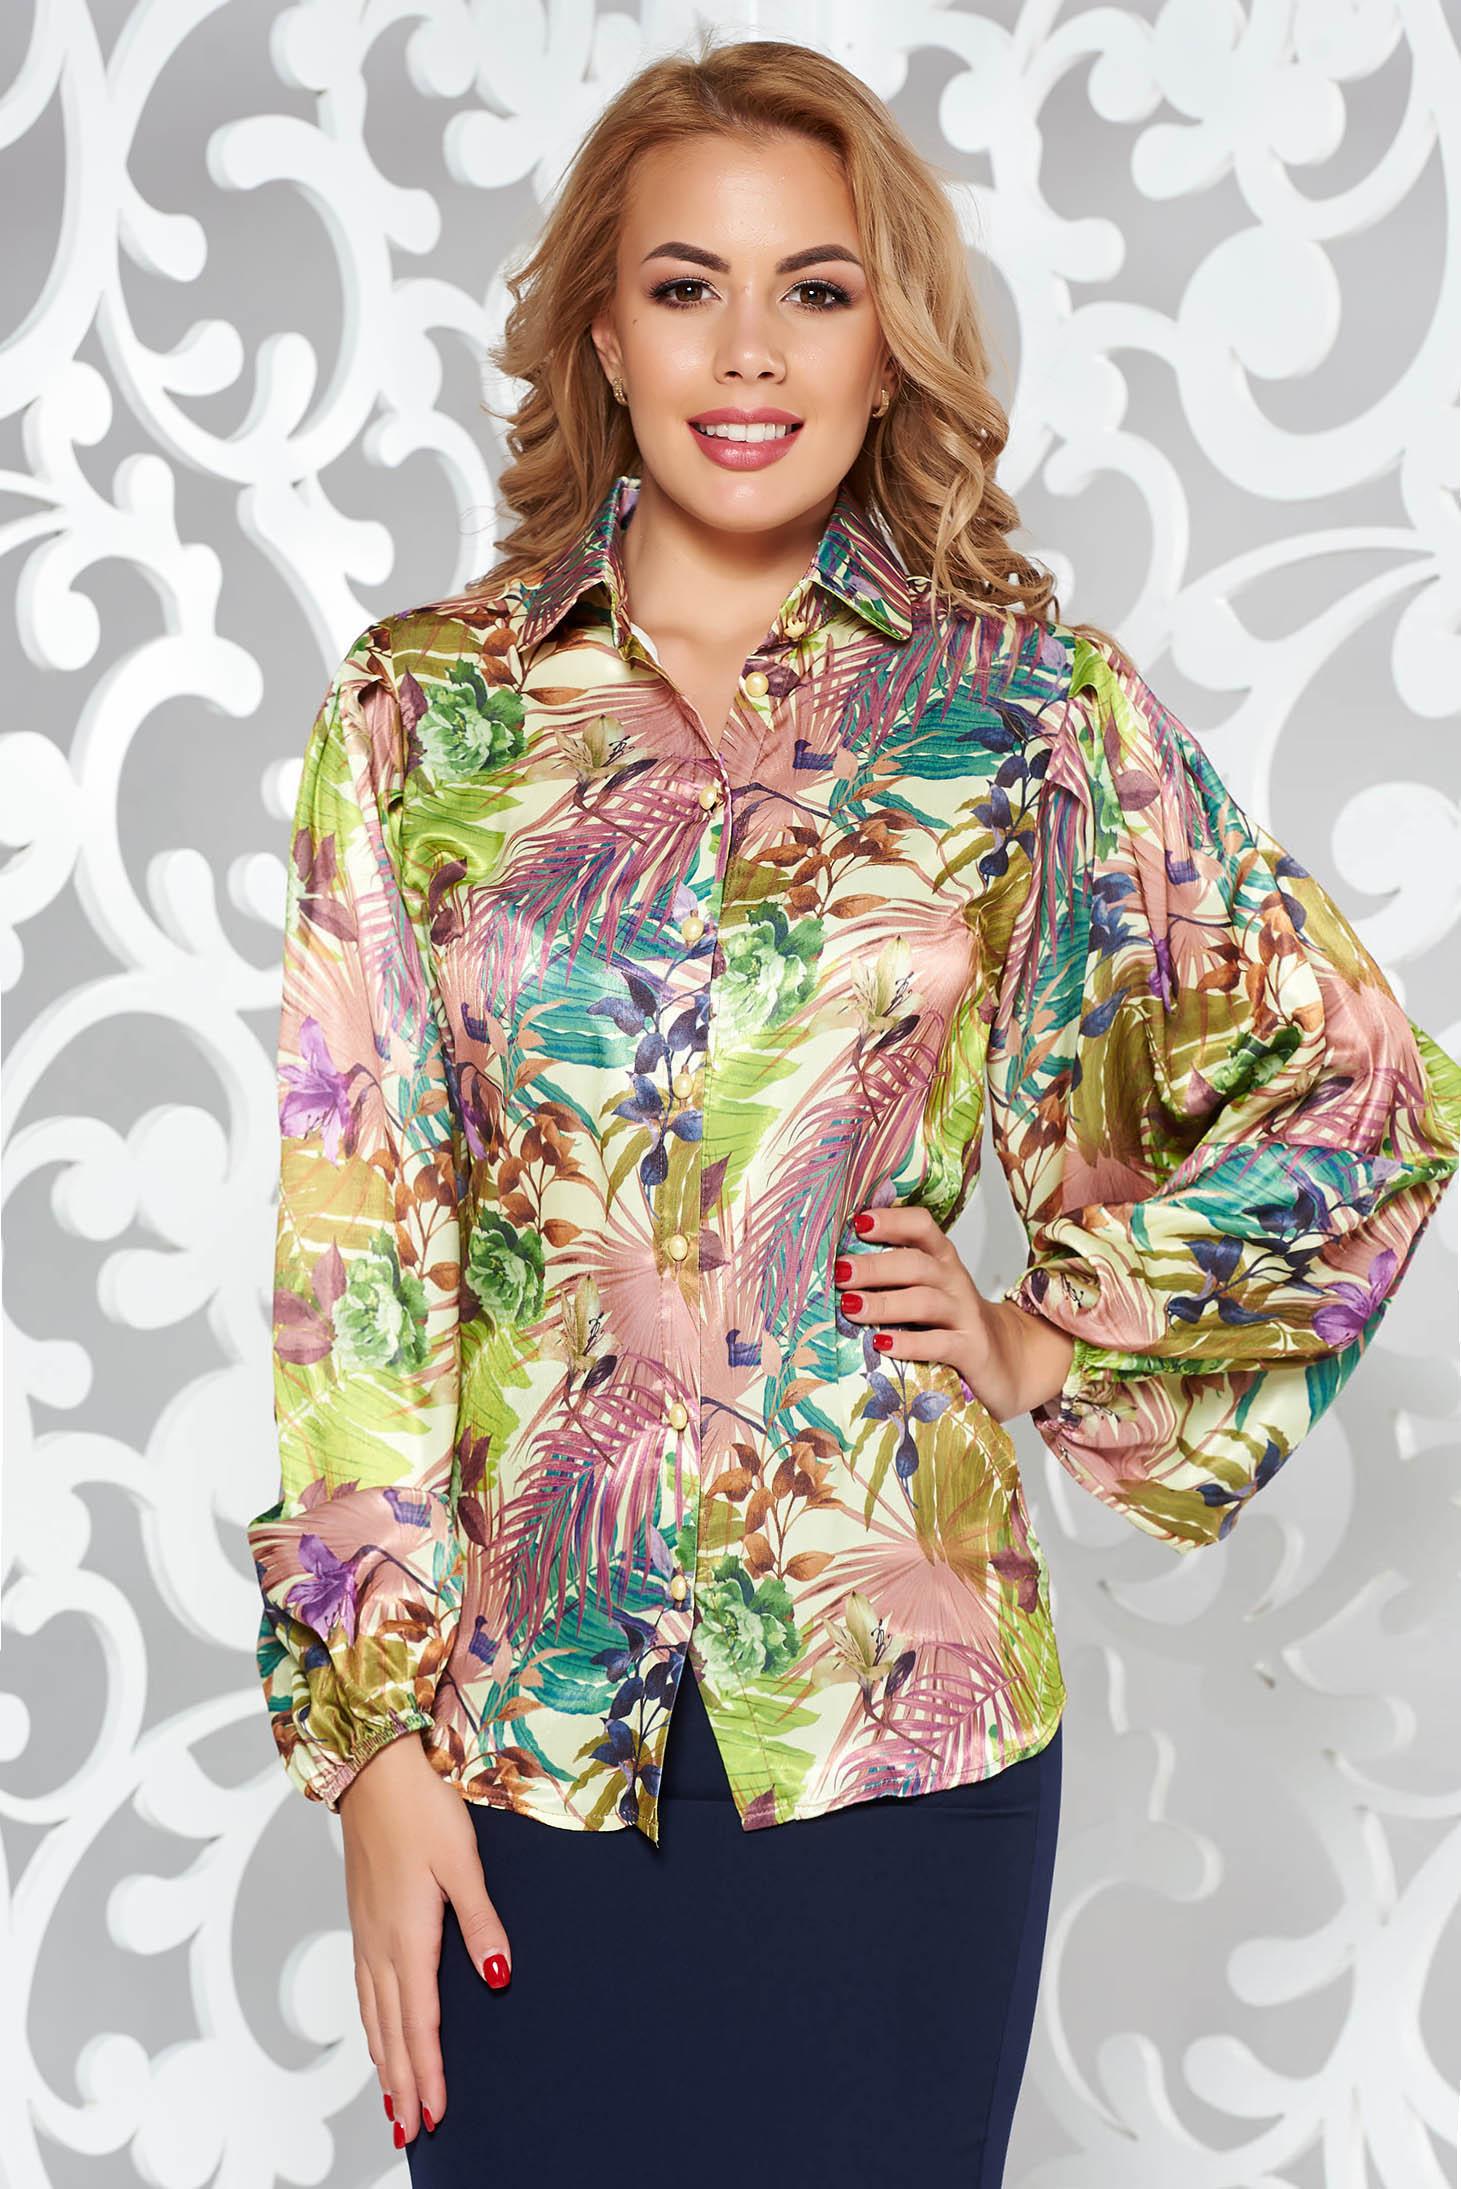 Barna PrettyGirl elegáns bő szabásu női ing szatén anyagból virágmintás díszítéssel